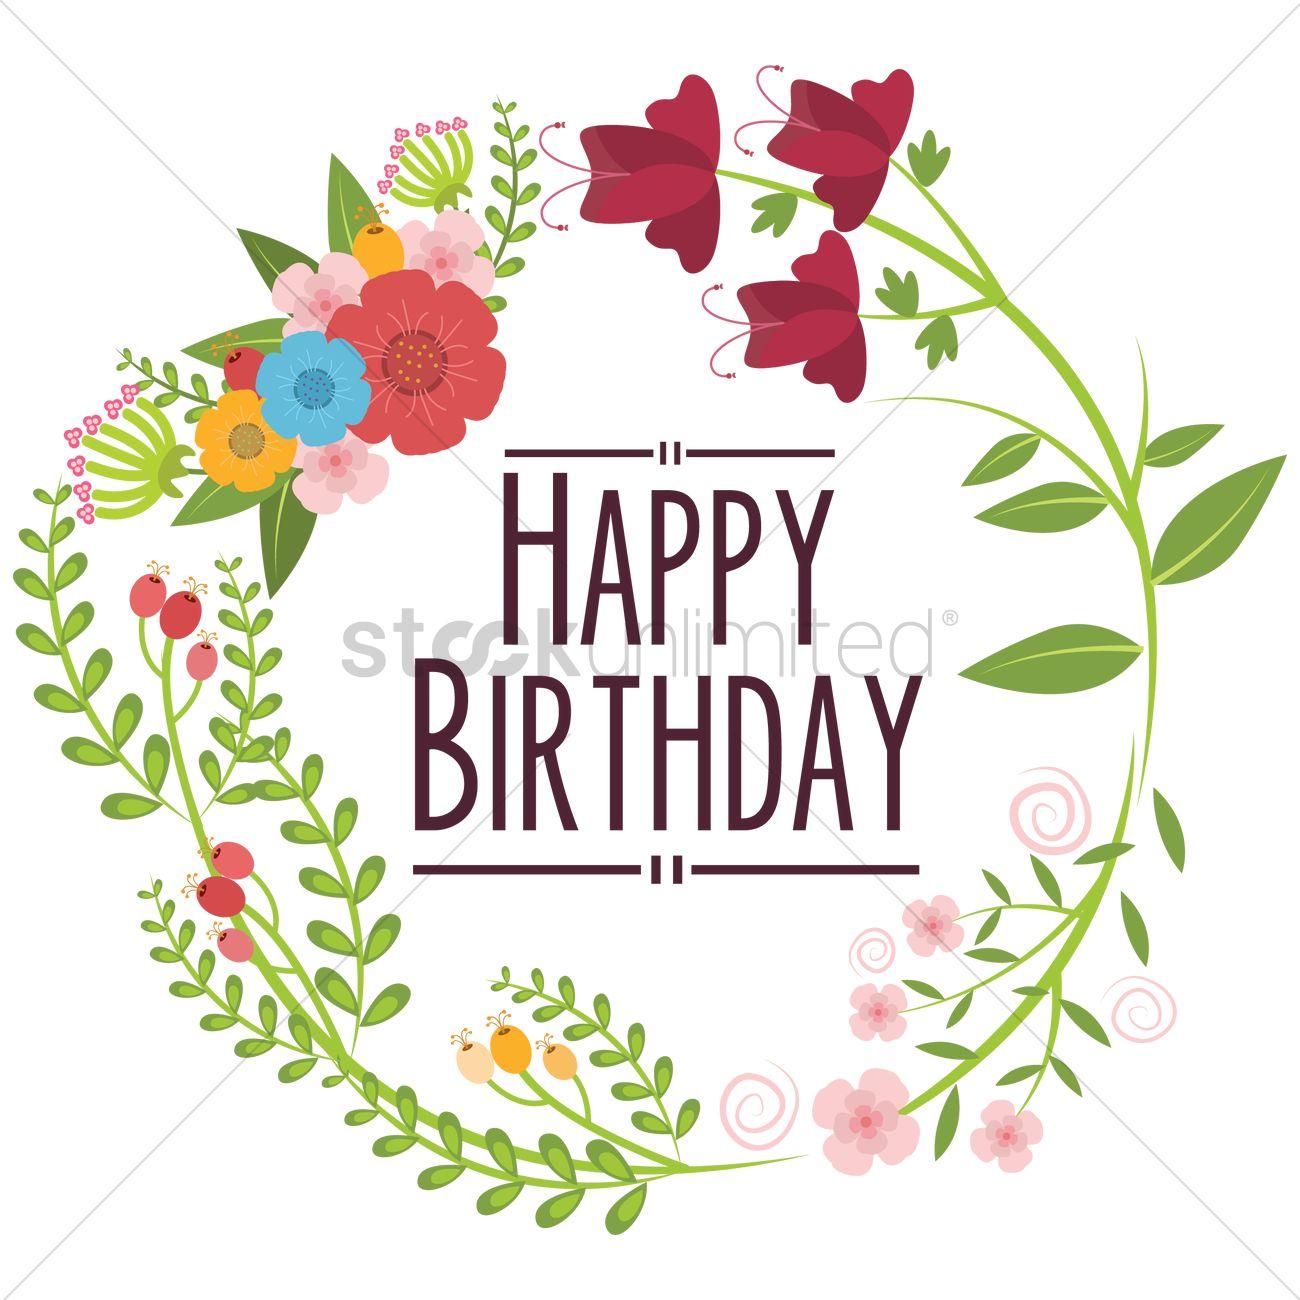 1300x1300 Happy Birthday Vector Image